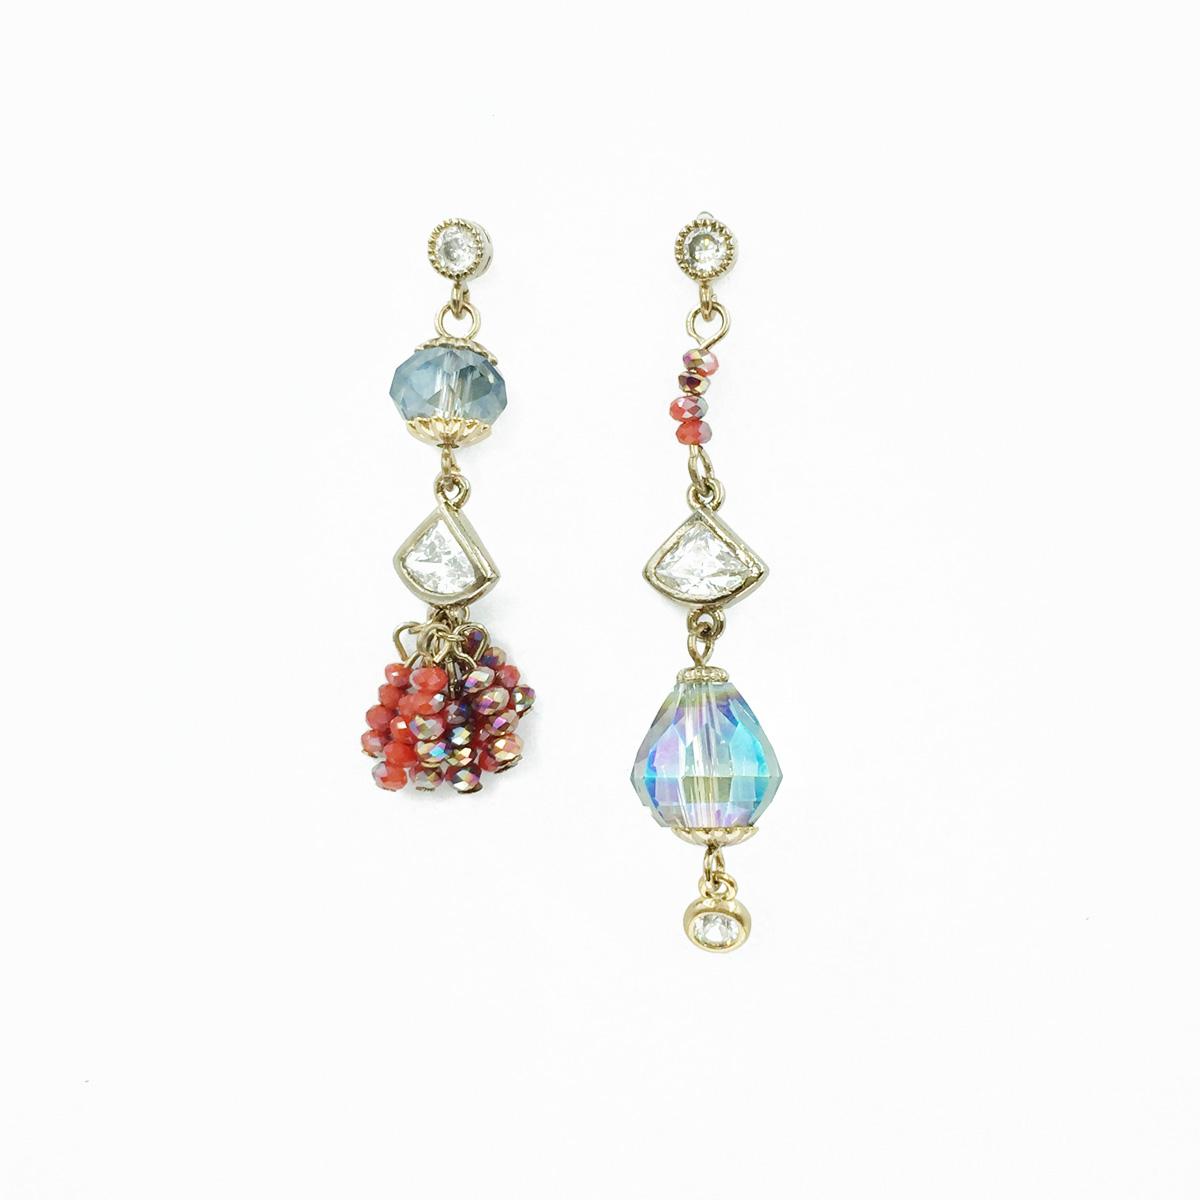 不對稱 珠珠水鑽 垂墜 耳針式耳環 採用施華洛世奇水晶元素 Crystals from Swarovski